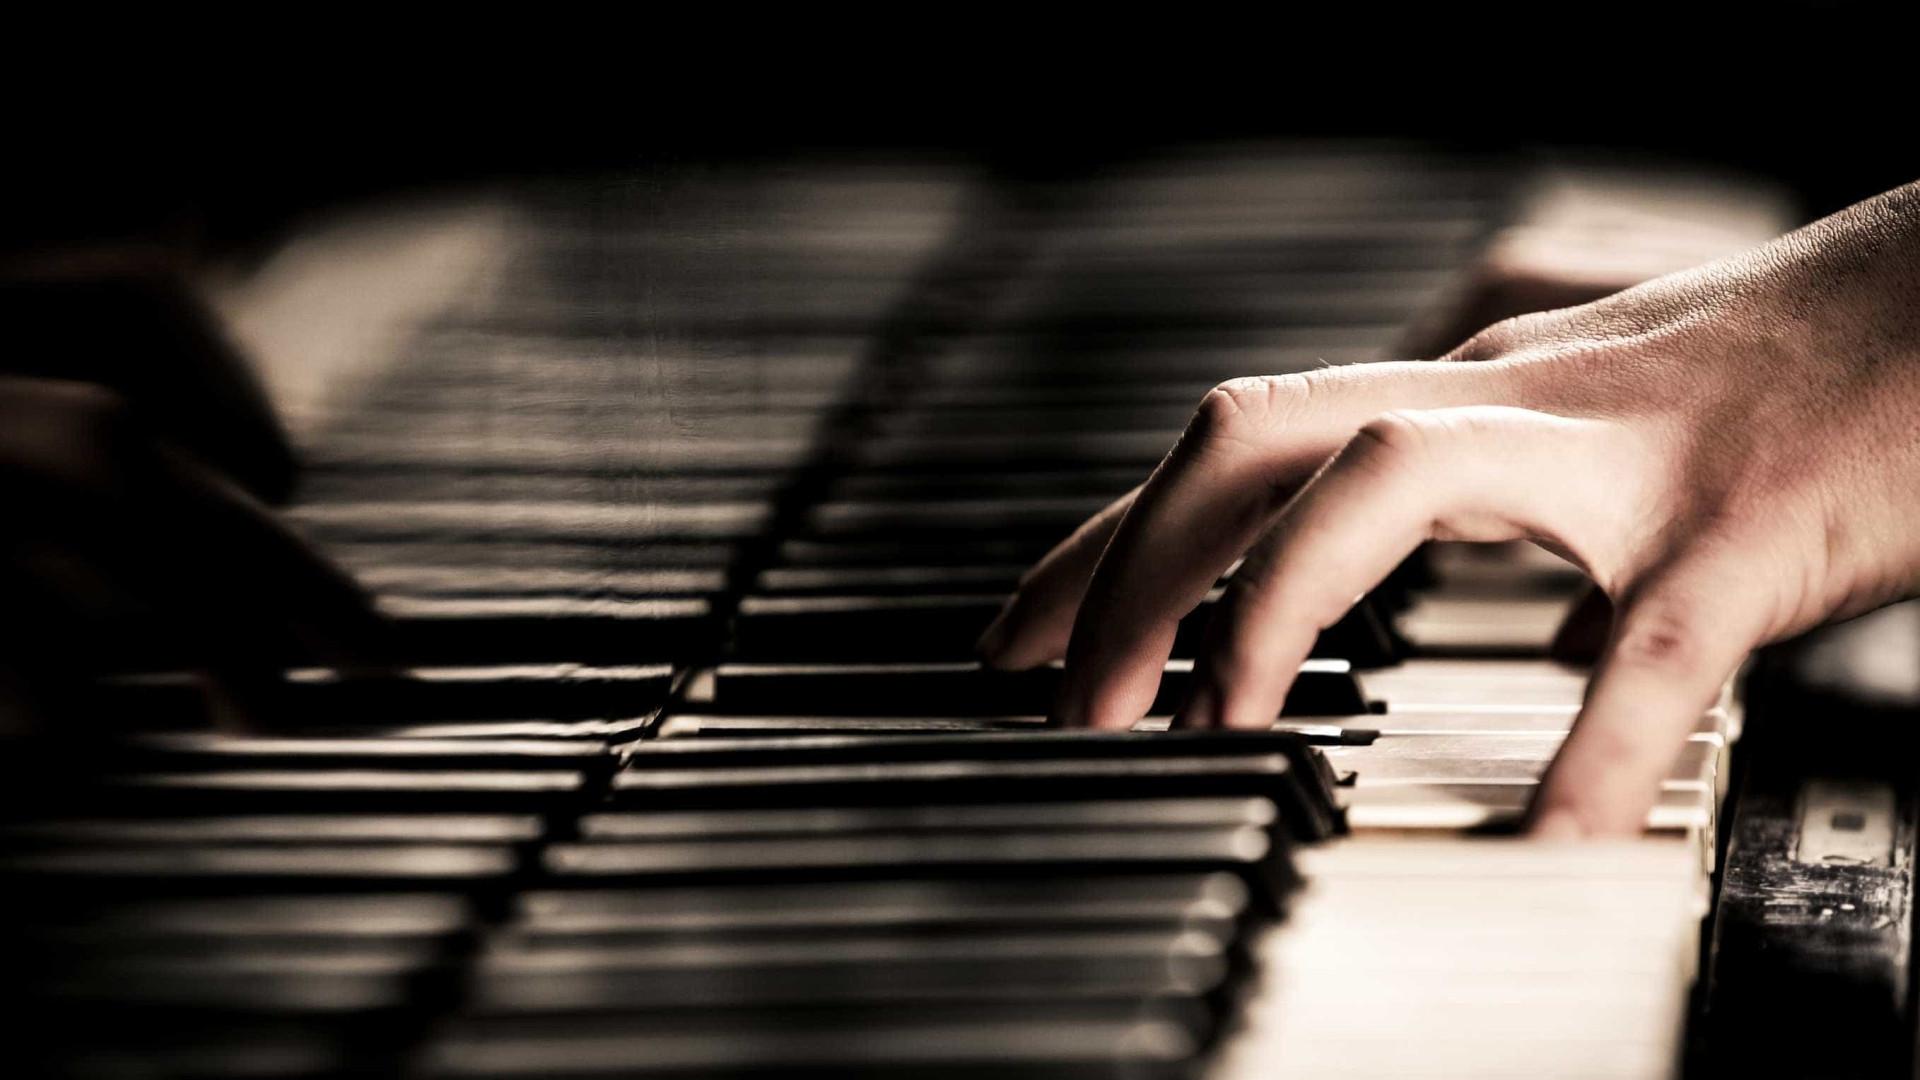 Concerto com instrumentos históricos assinala o Dia Mundial da Música